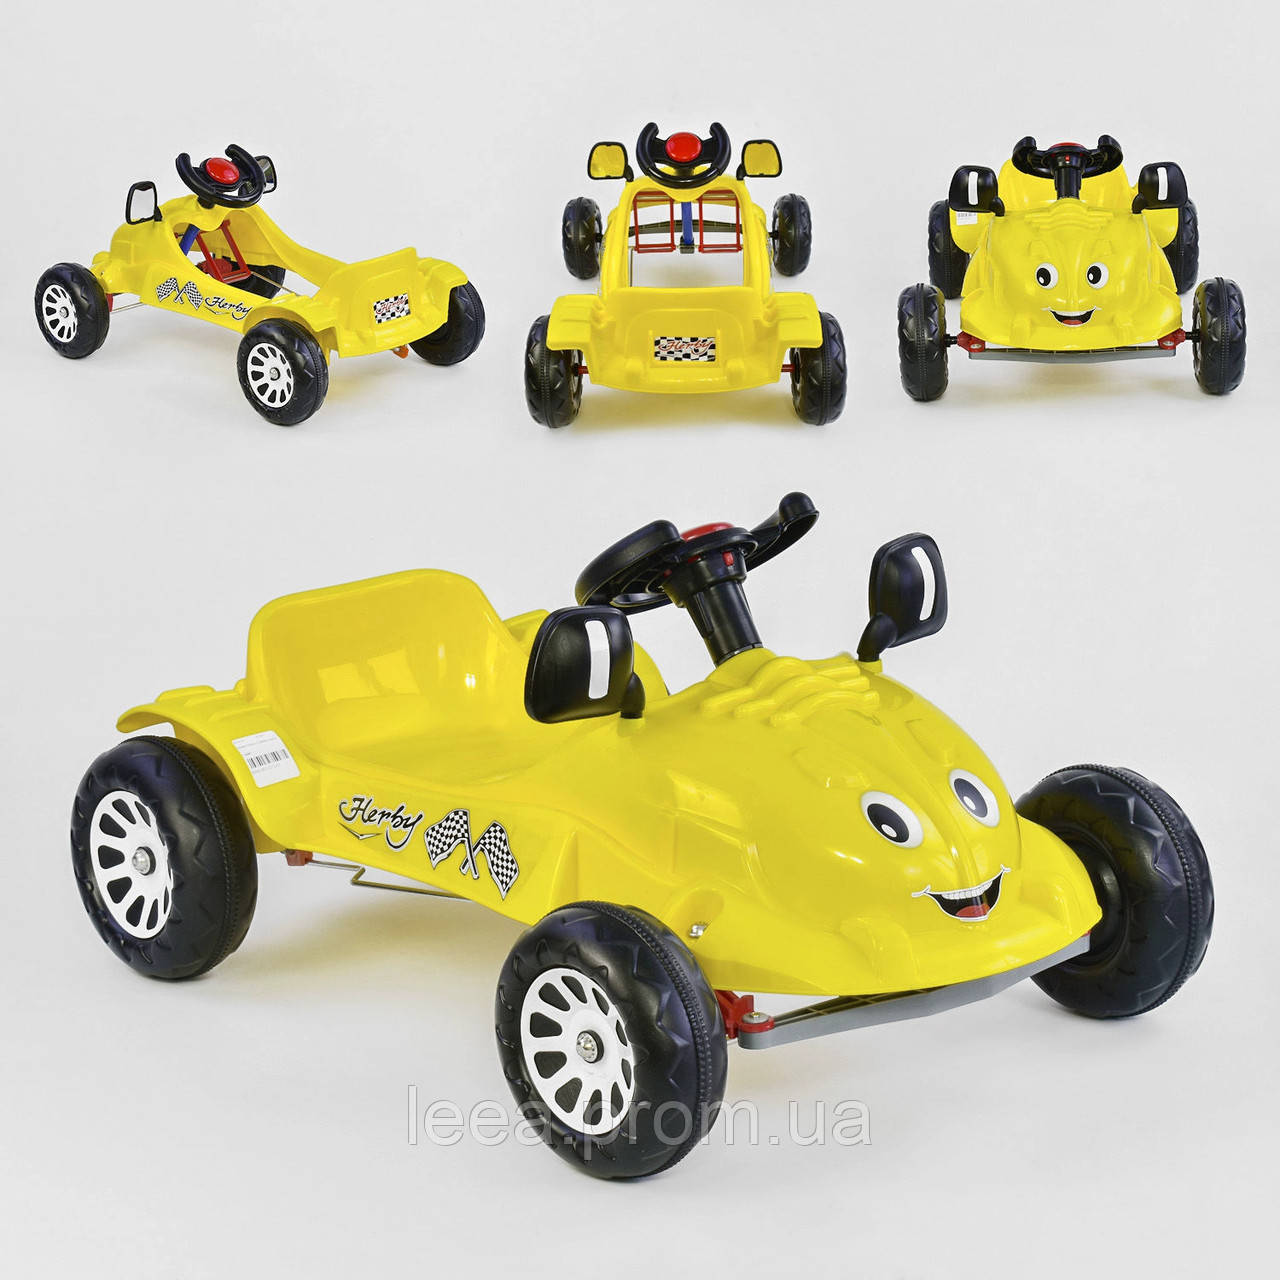 Детская машинка с педалями HERBY 07-302 Желтый